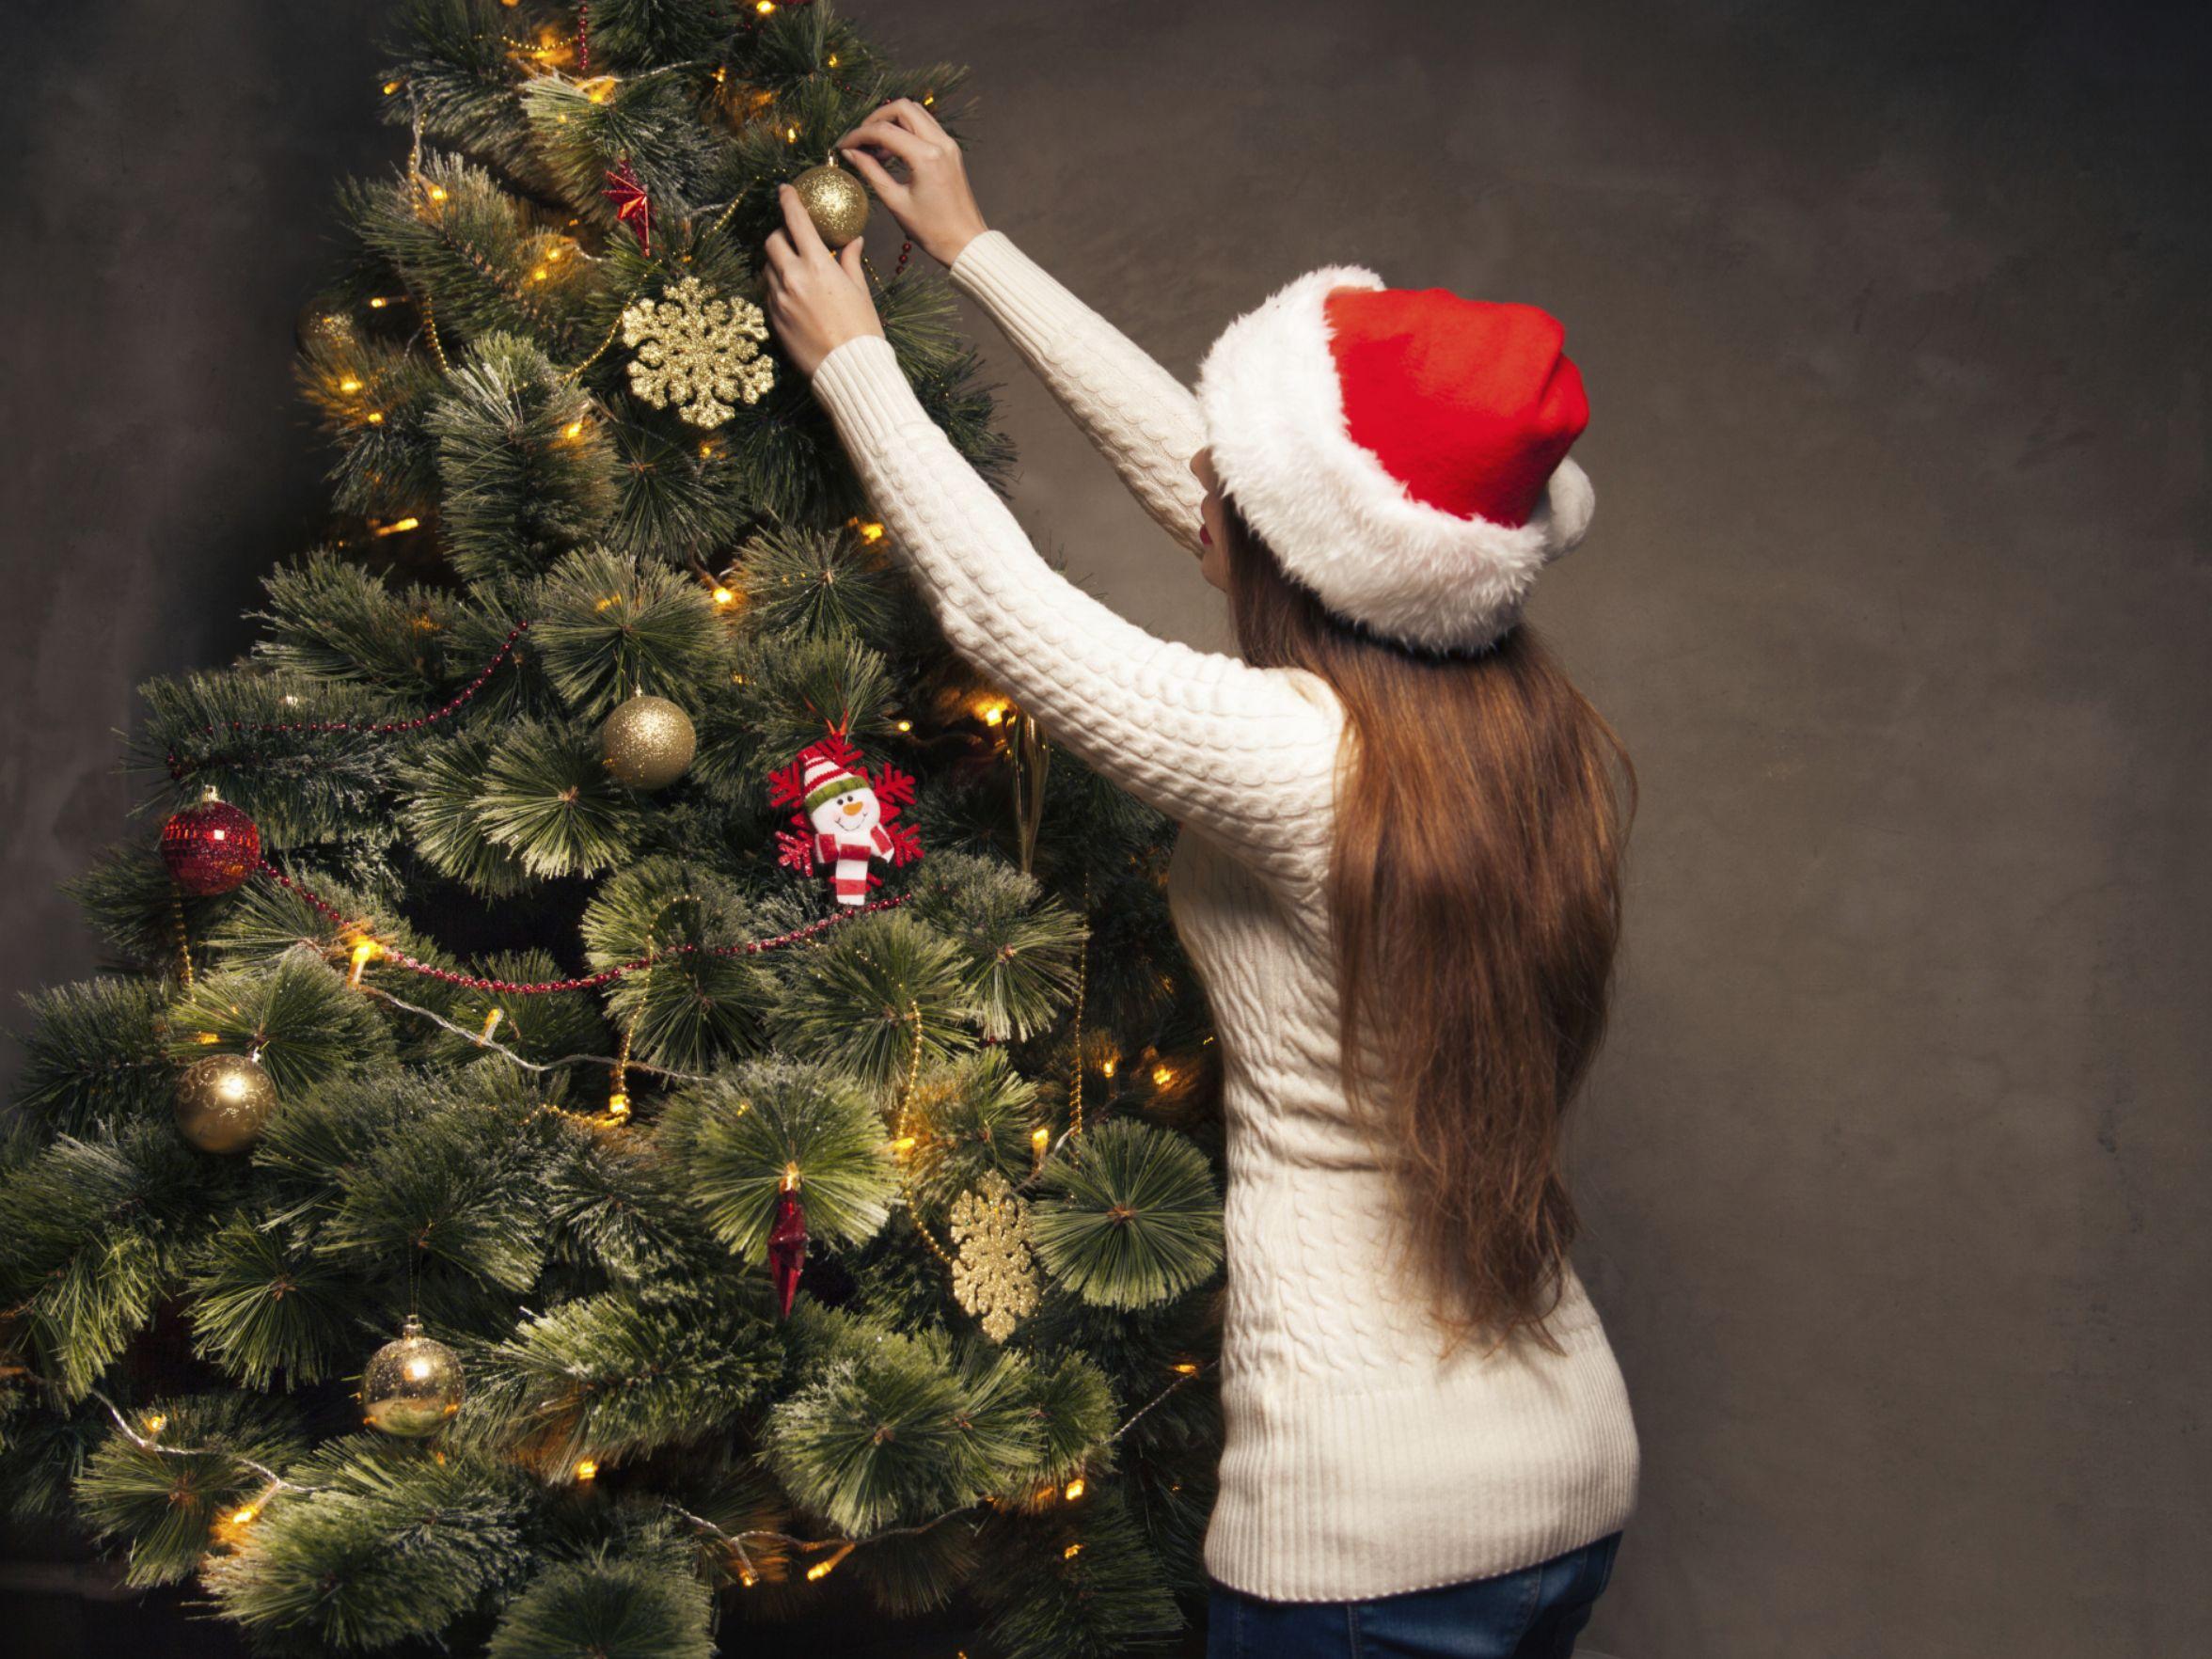 Cinco ideas creativas para decorar tu casa en navidad for Ideas para amueblar tu casa